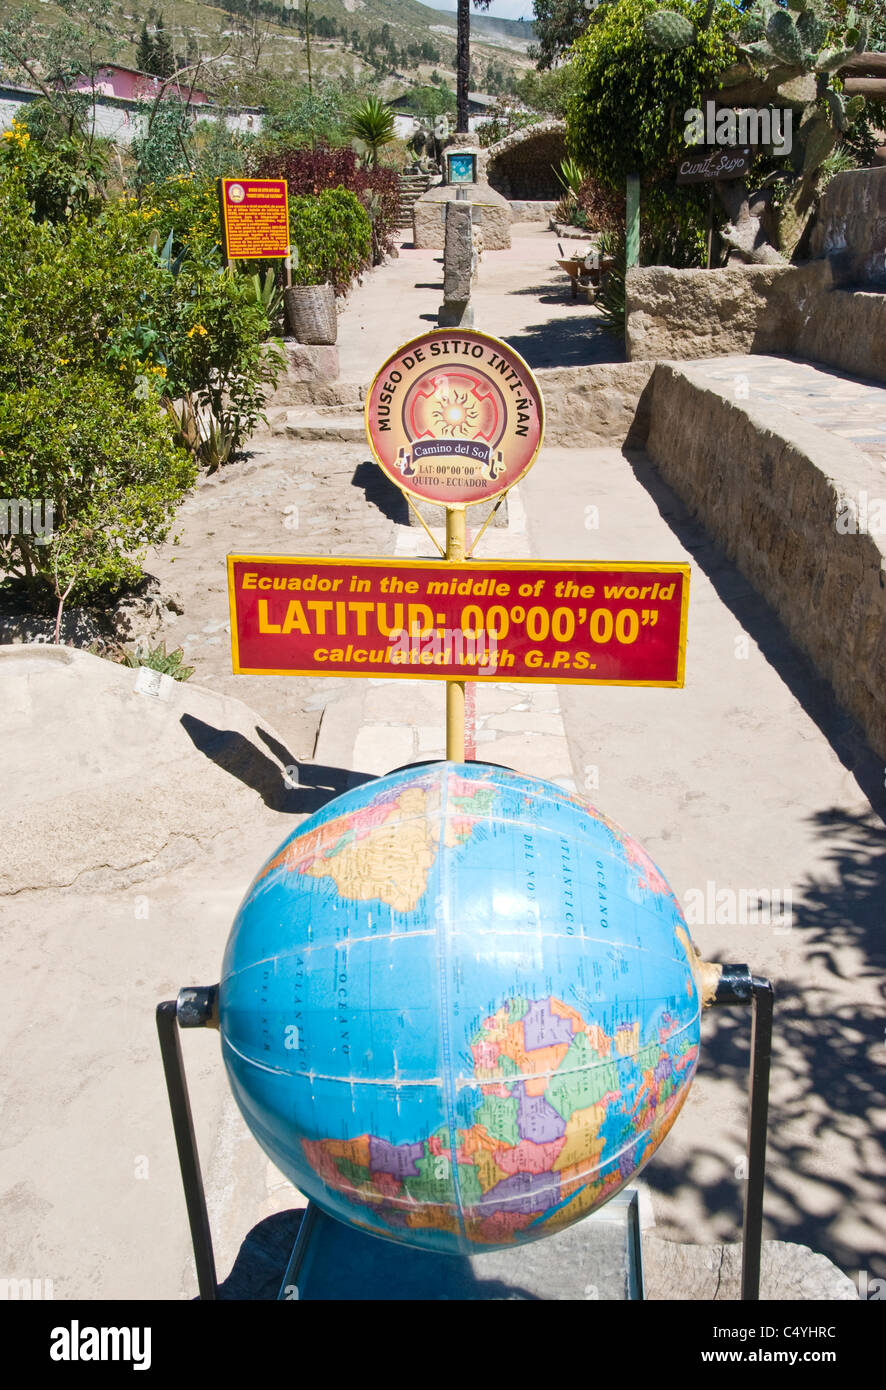 Equator/equatorial monument near Quito Ecuador - Stock Image